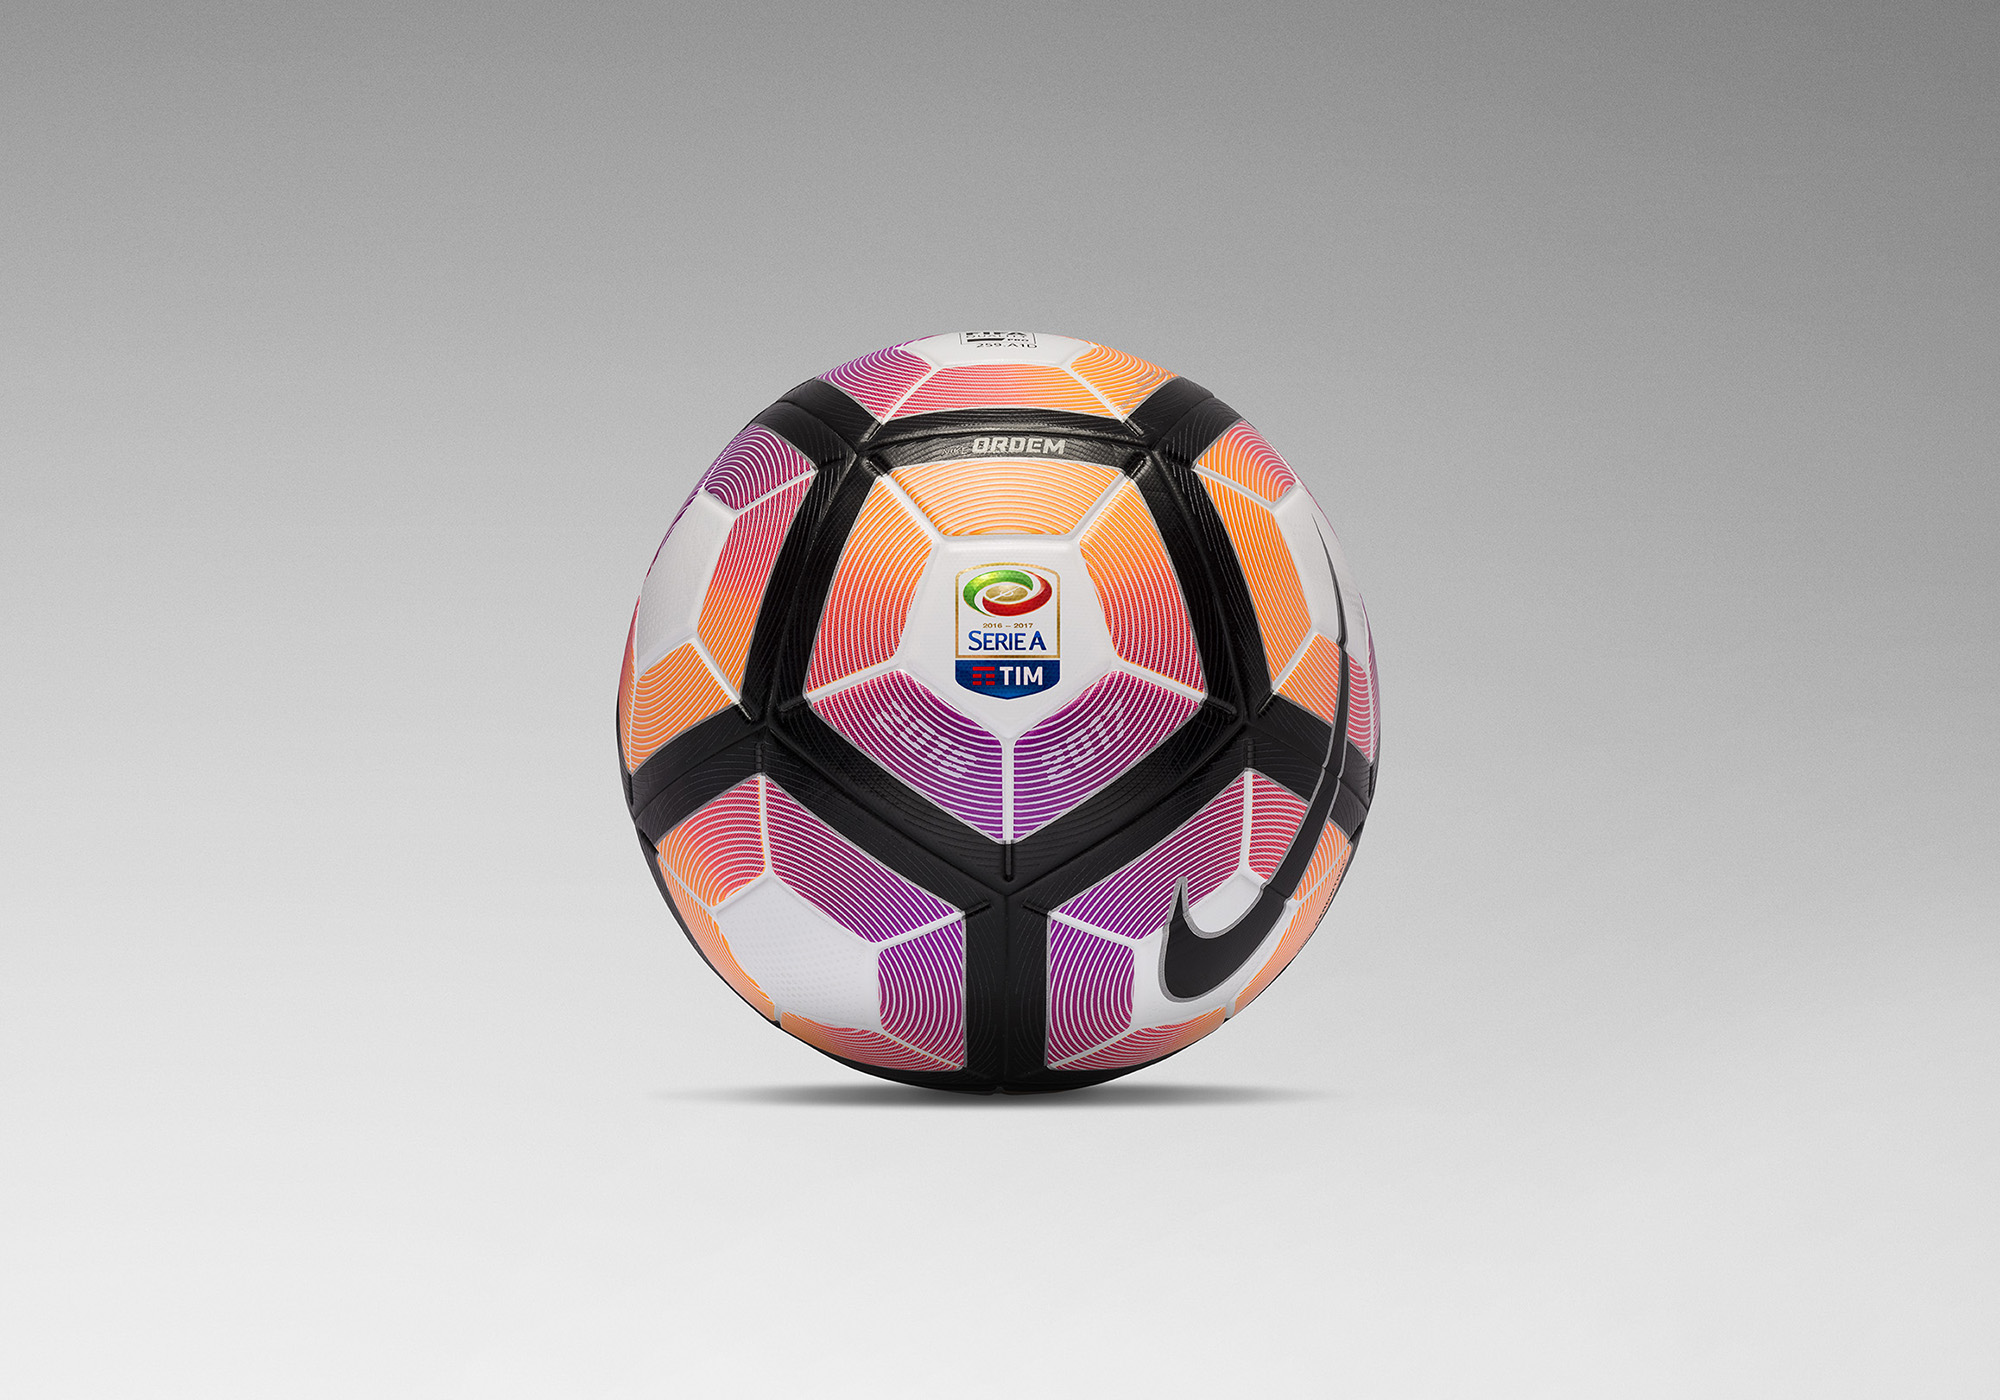 Fa16_FB_Ordem_Ball_SerieA_60208